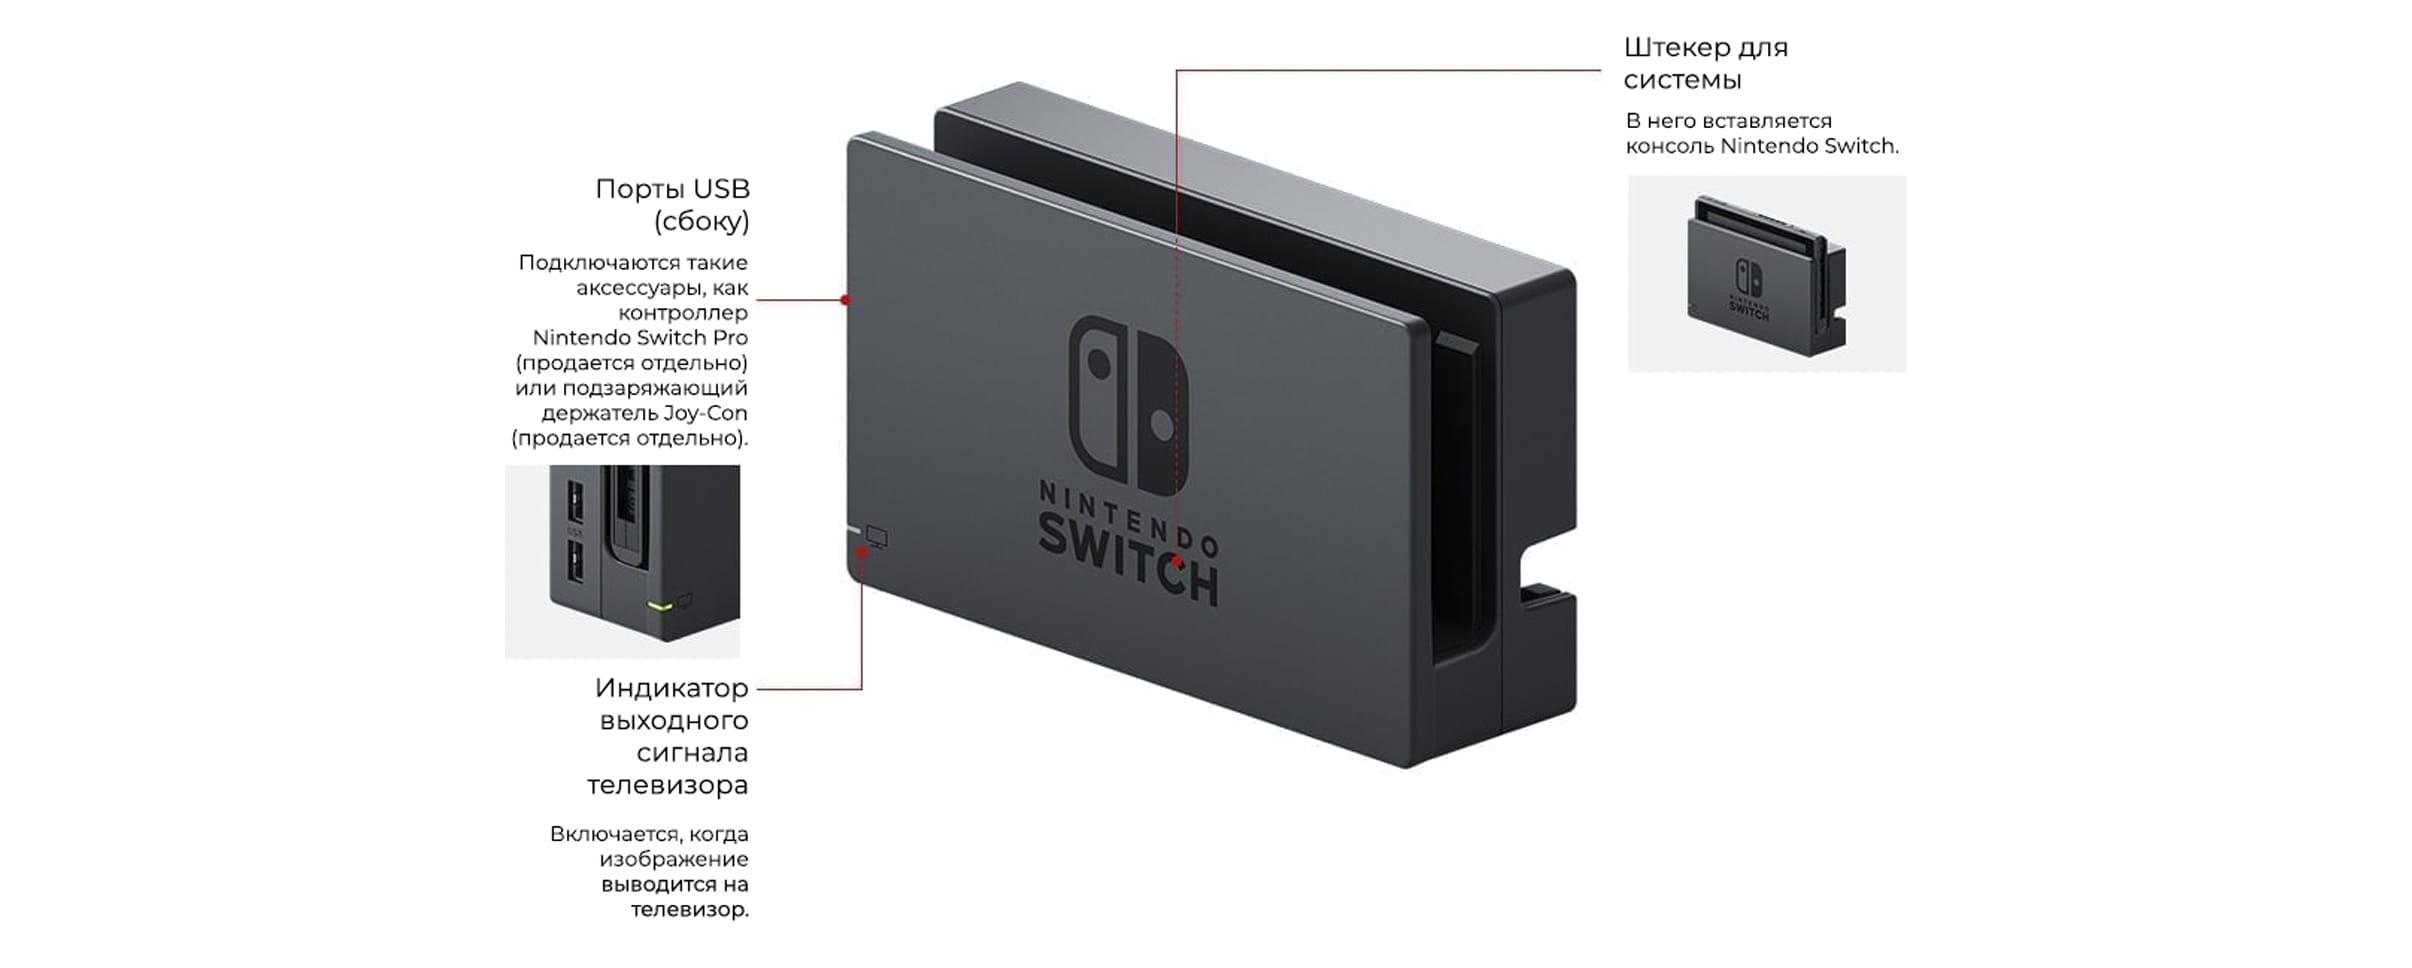 Док-станция Nintendo Switch, вид сверху